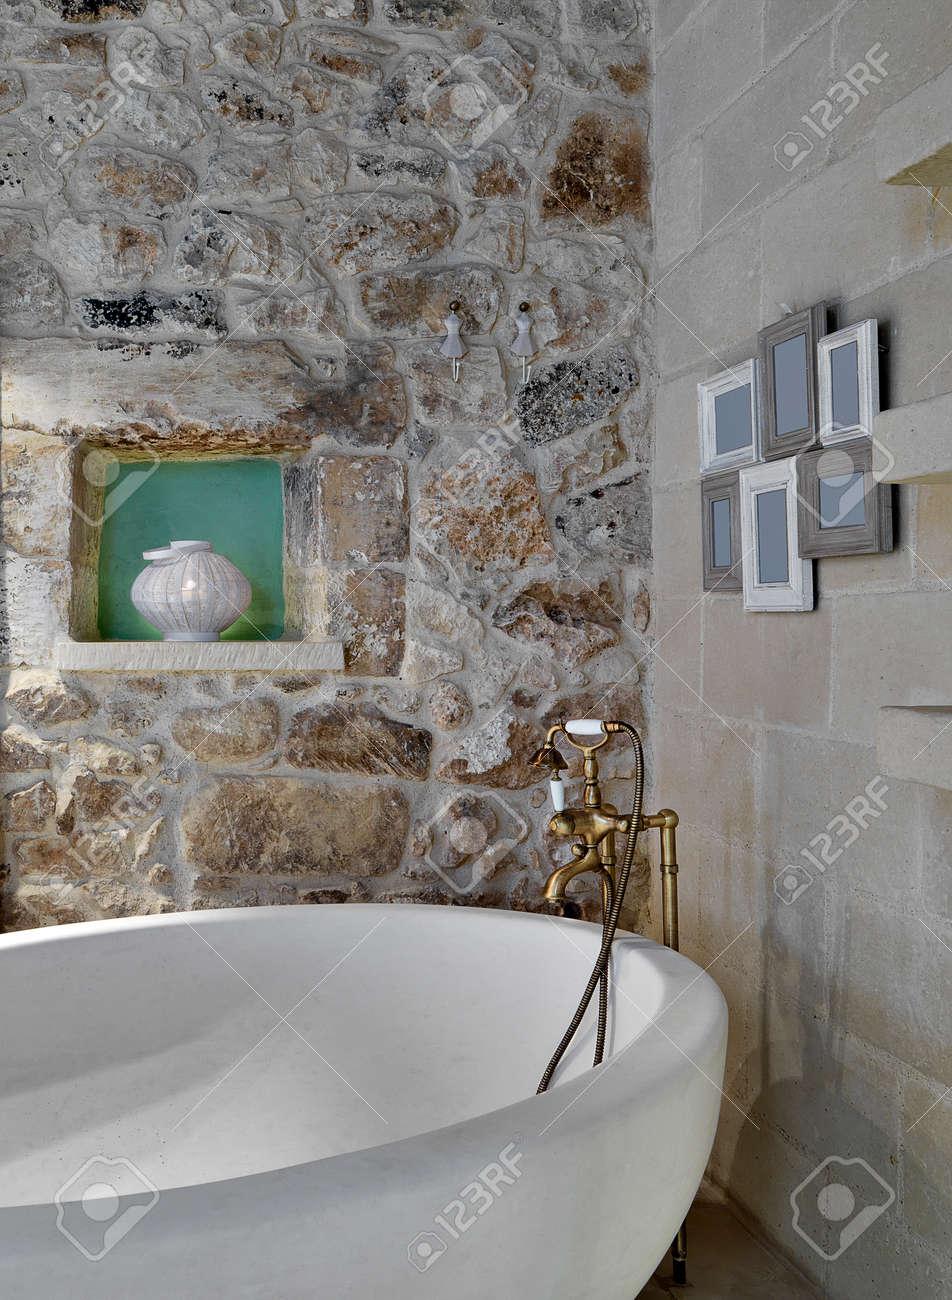 Immagini Bagno Rustico : Immagini bagni rustici. Immagini bagno ...